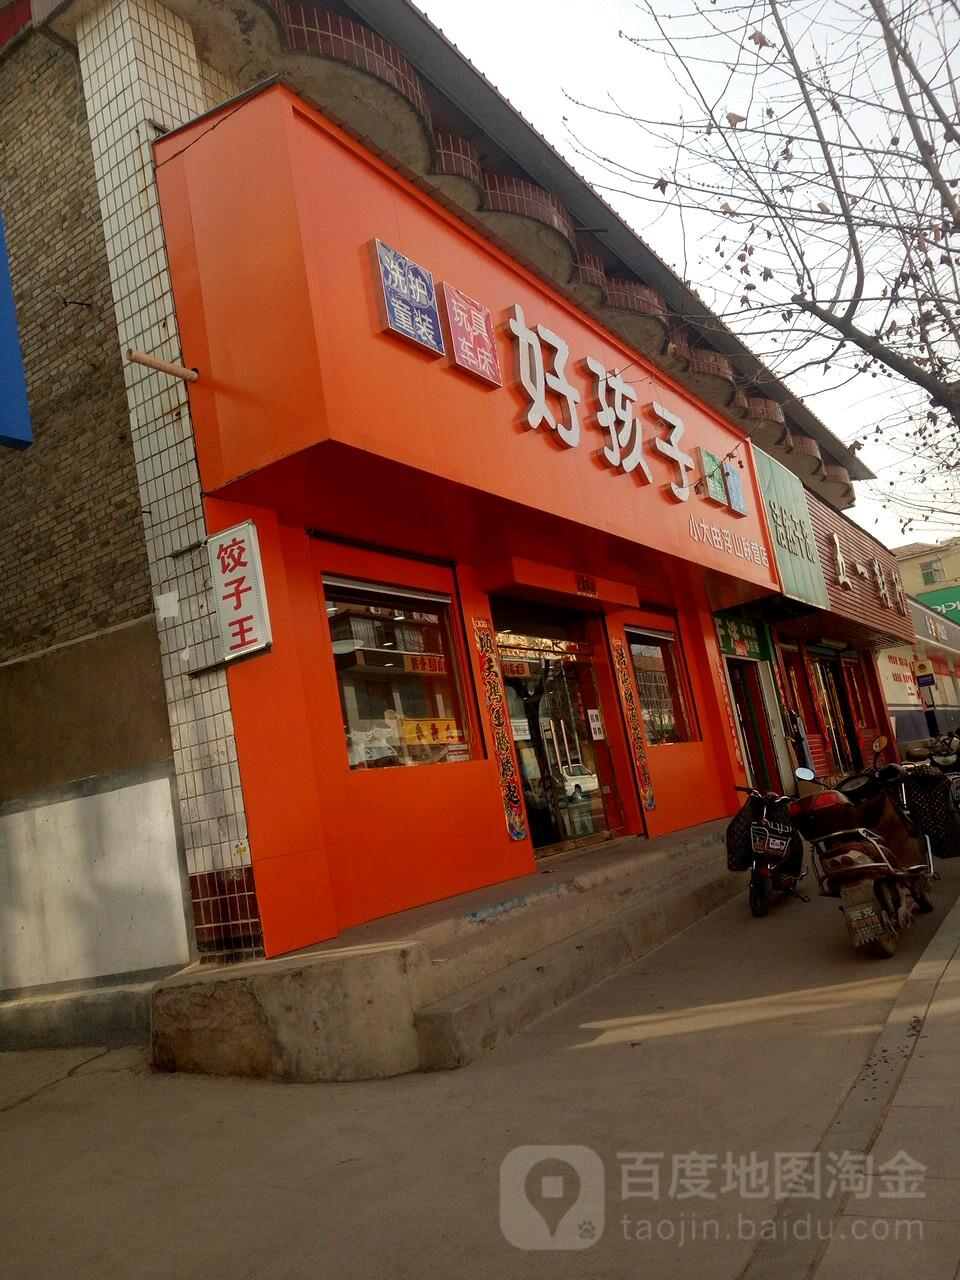 山西省临汾市浮山县天坛镇新风北街宏泰居附近背景轨道墙图片